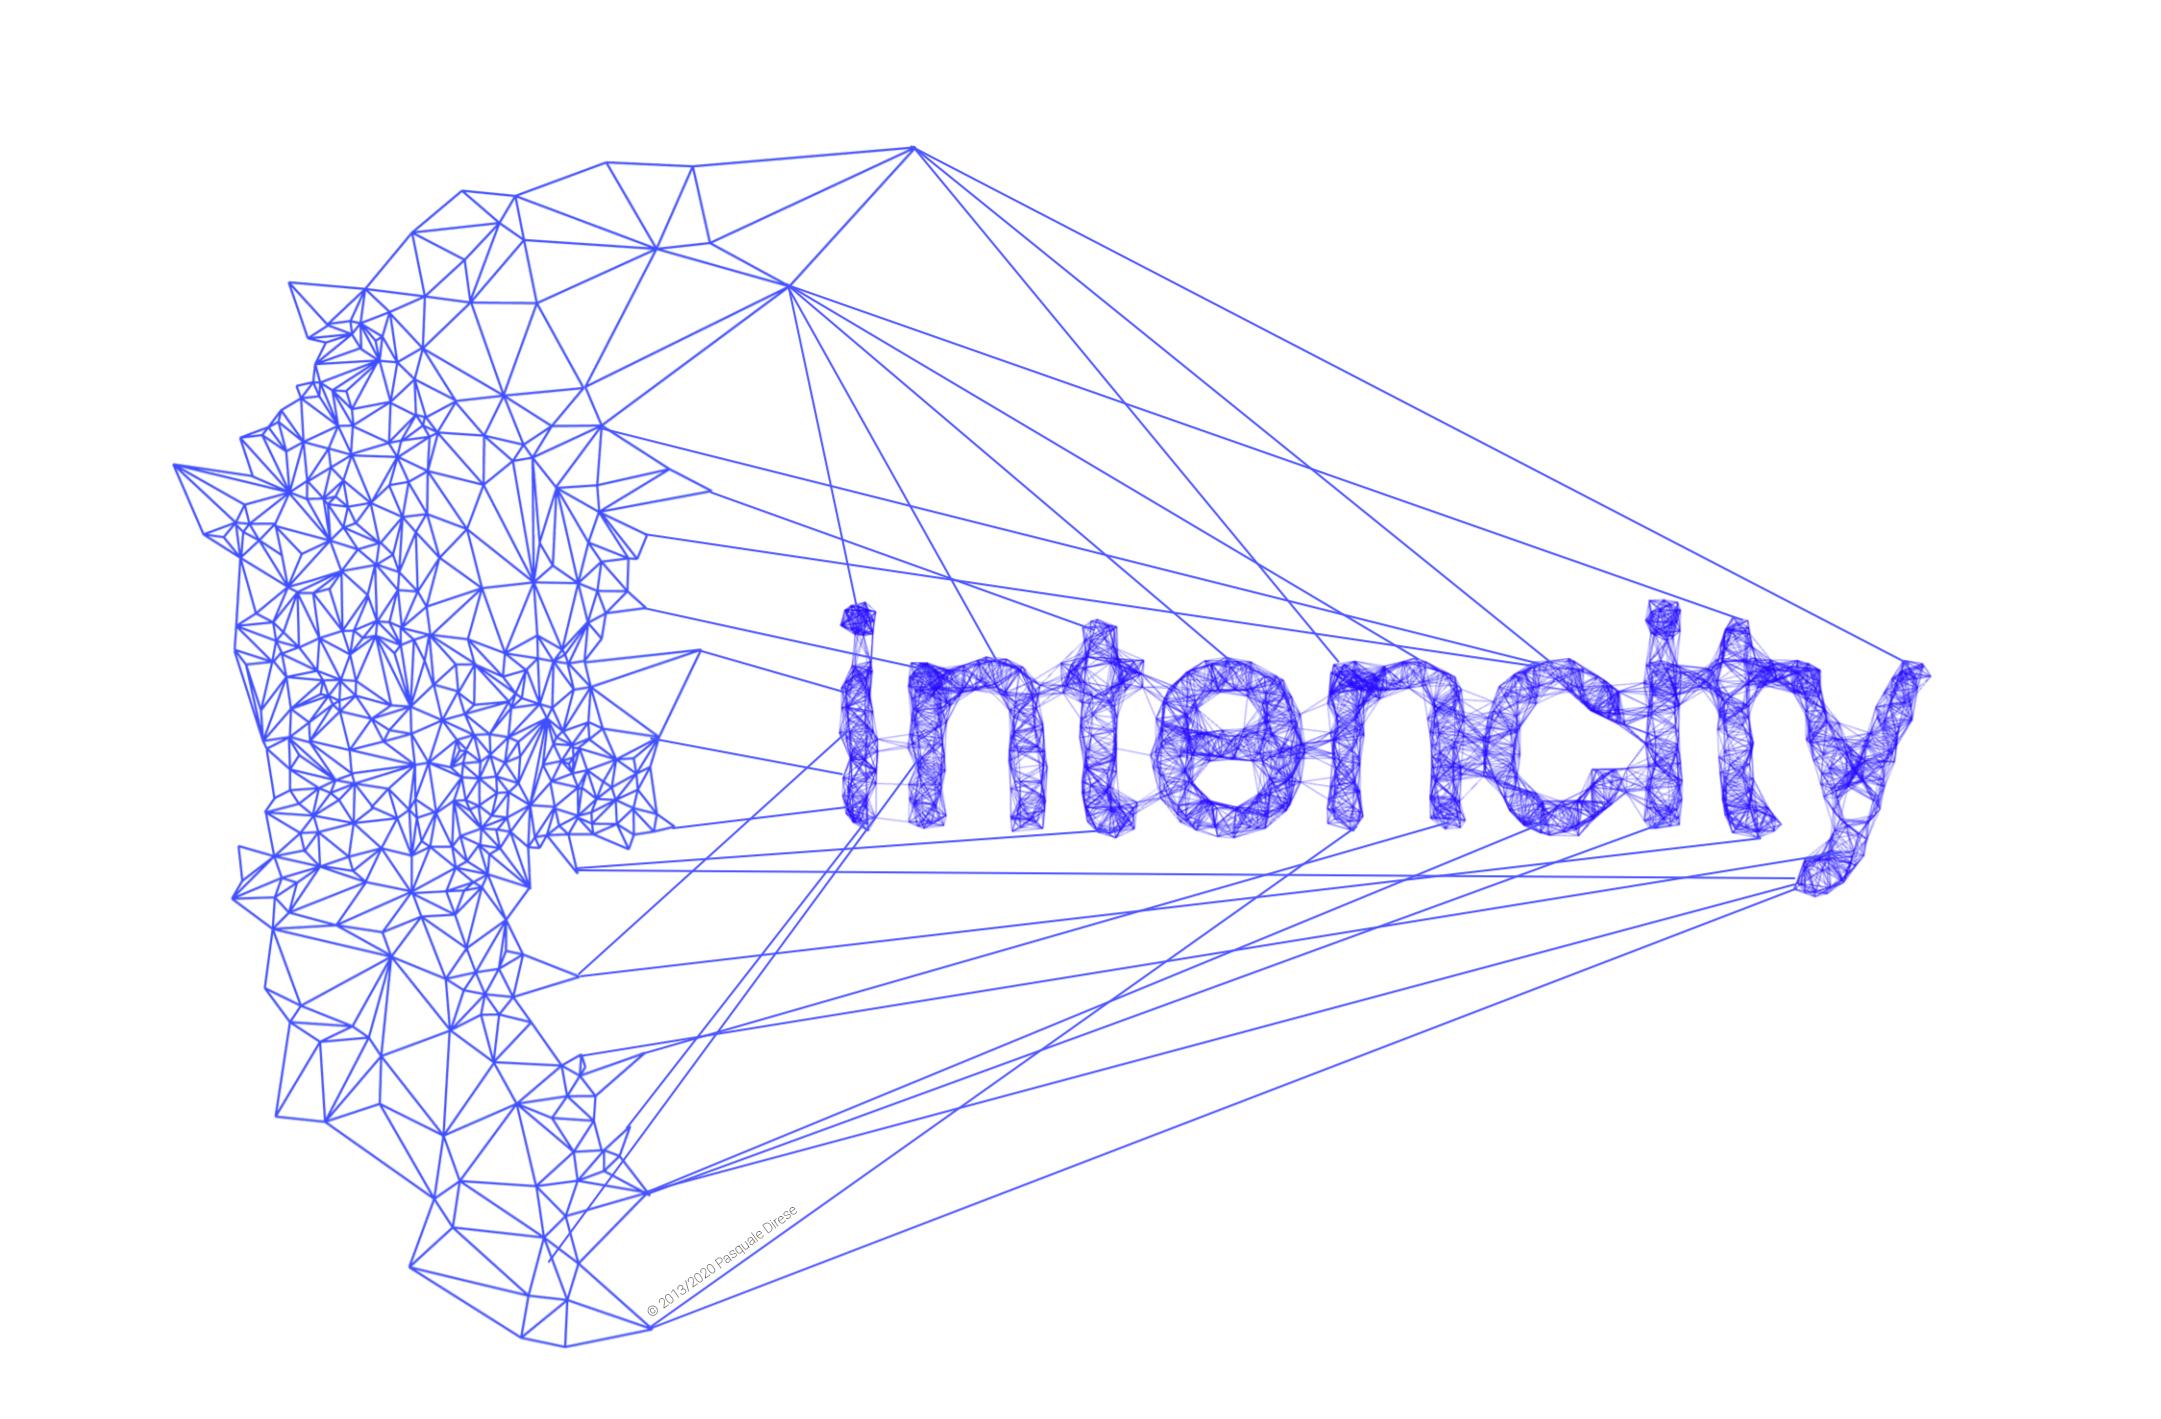 intencity-cover-fine